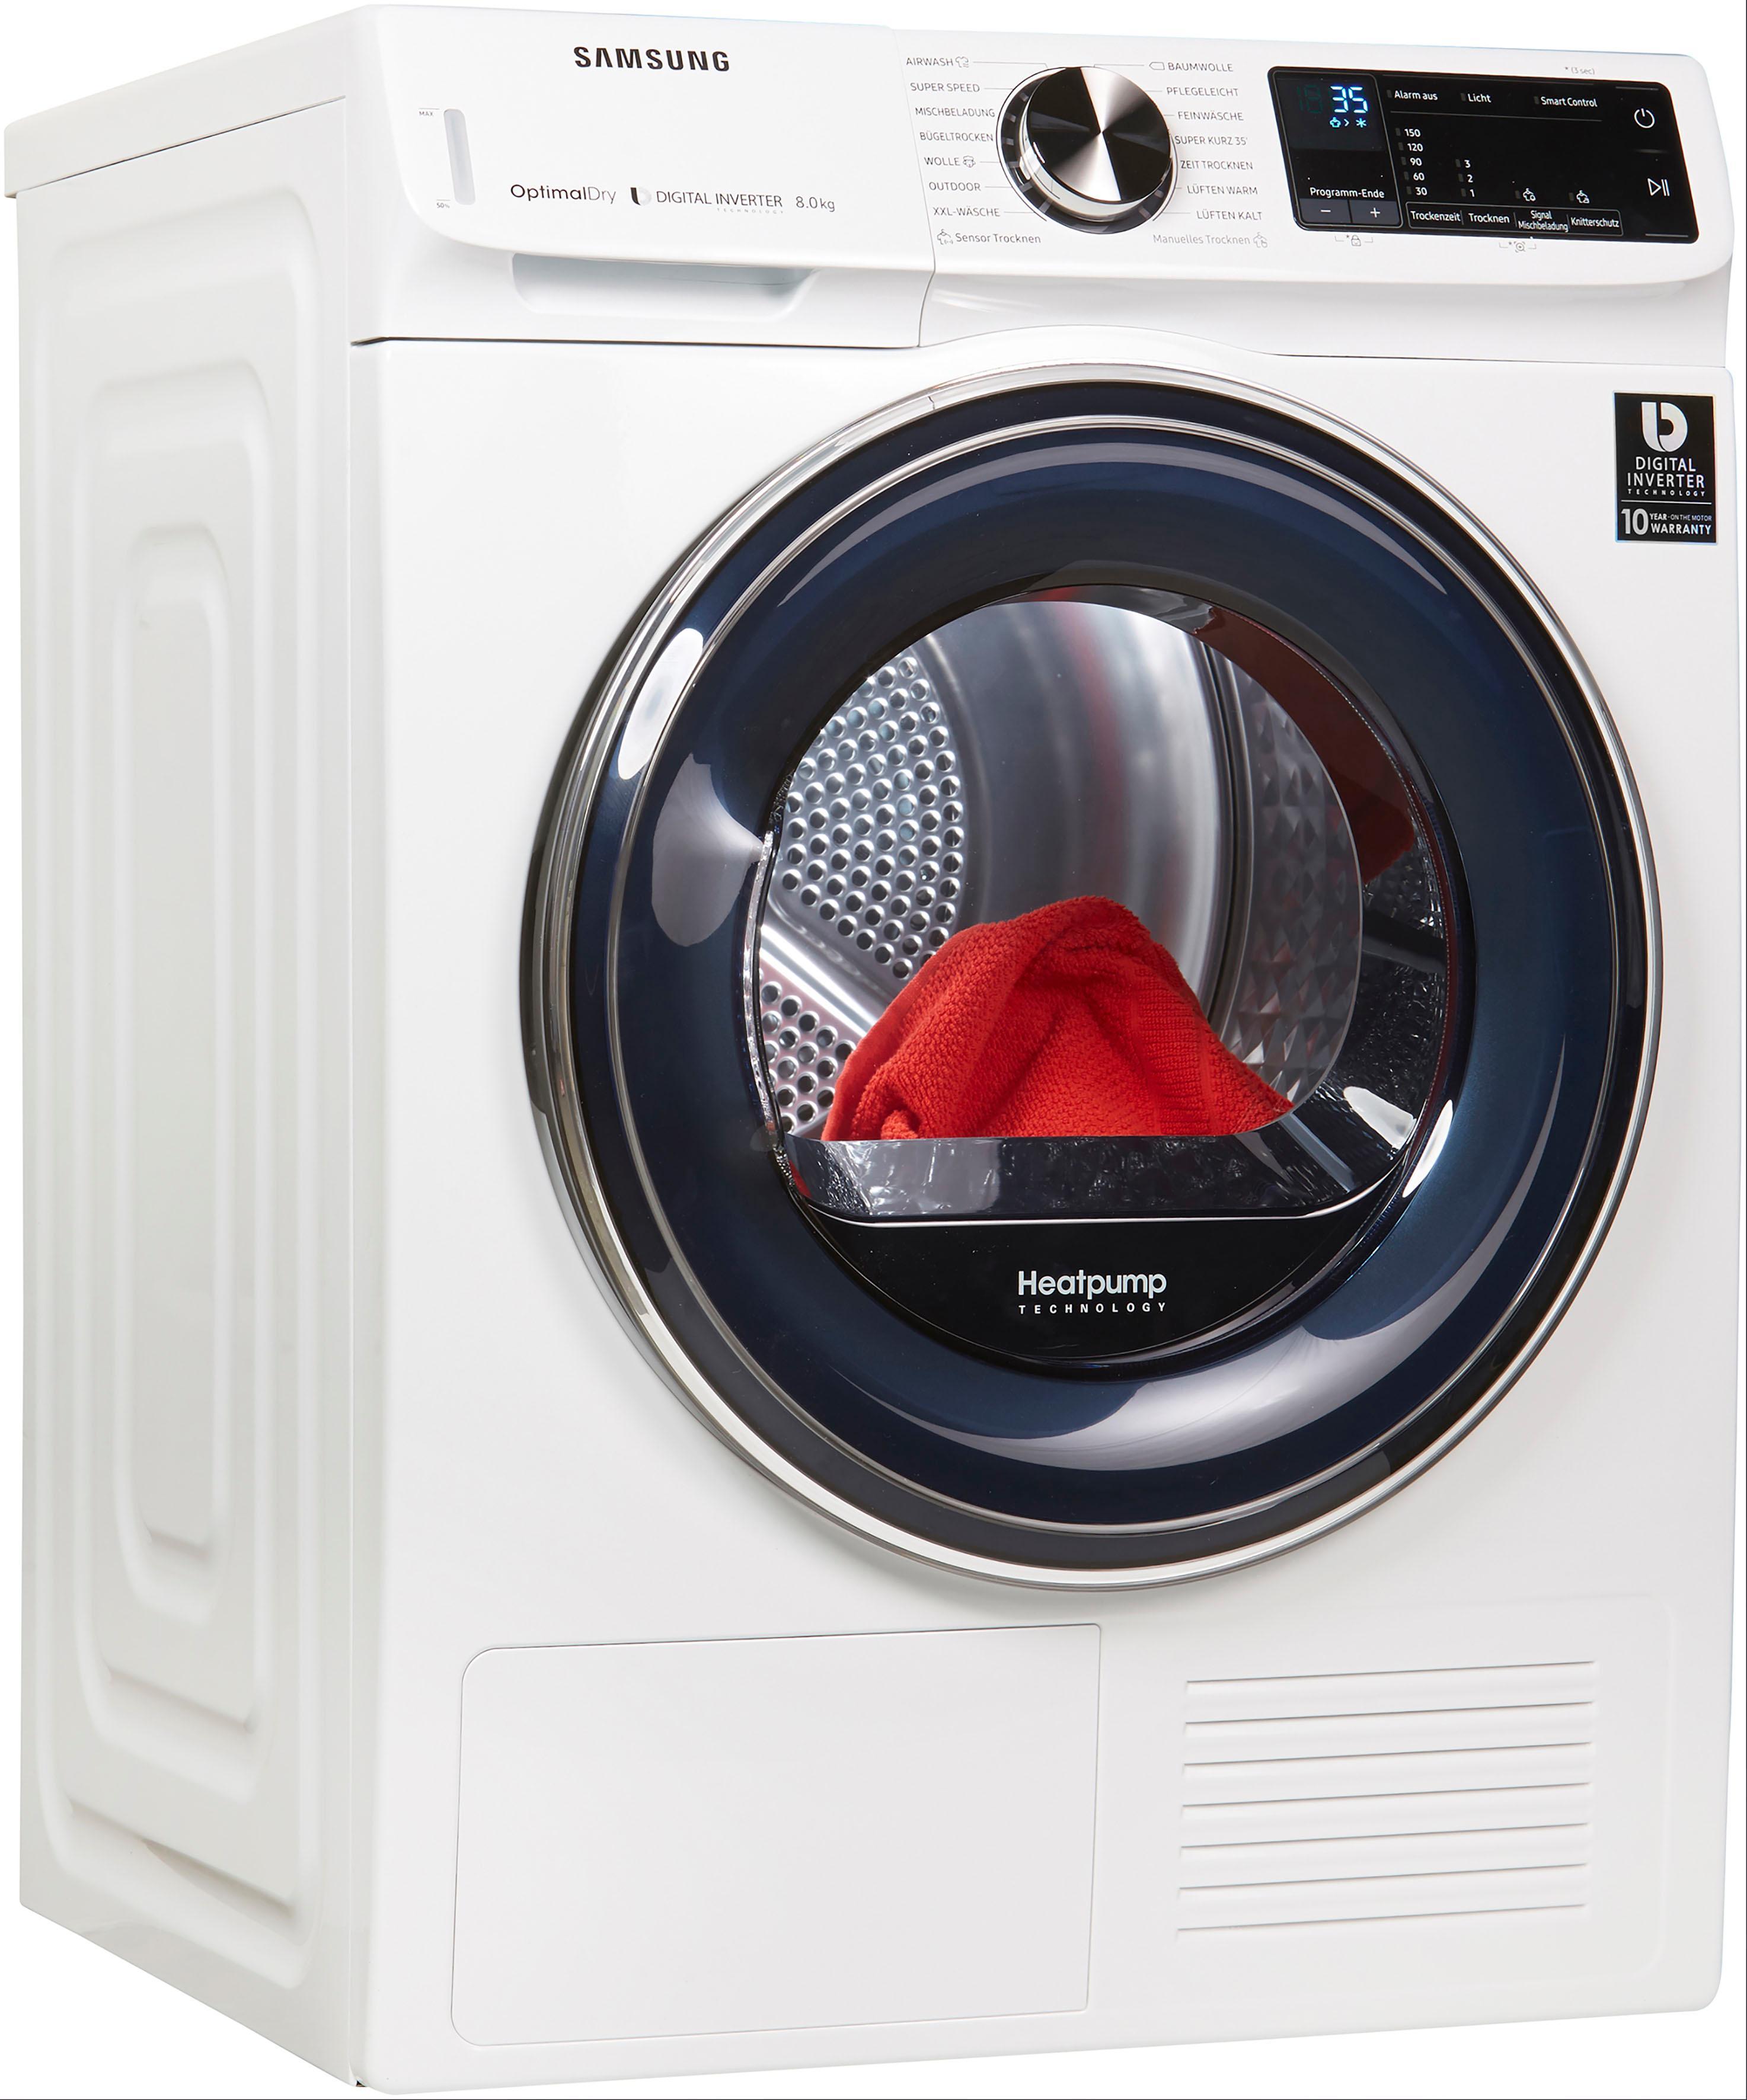 Samsung Wärmepumpentrockner QuickDrive DV6800 DV81N62532W/EG, 8 kg | Bad > Waschmaschinen und Trockner > Wärmepumpentrockner | Weiß | Samsung